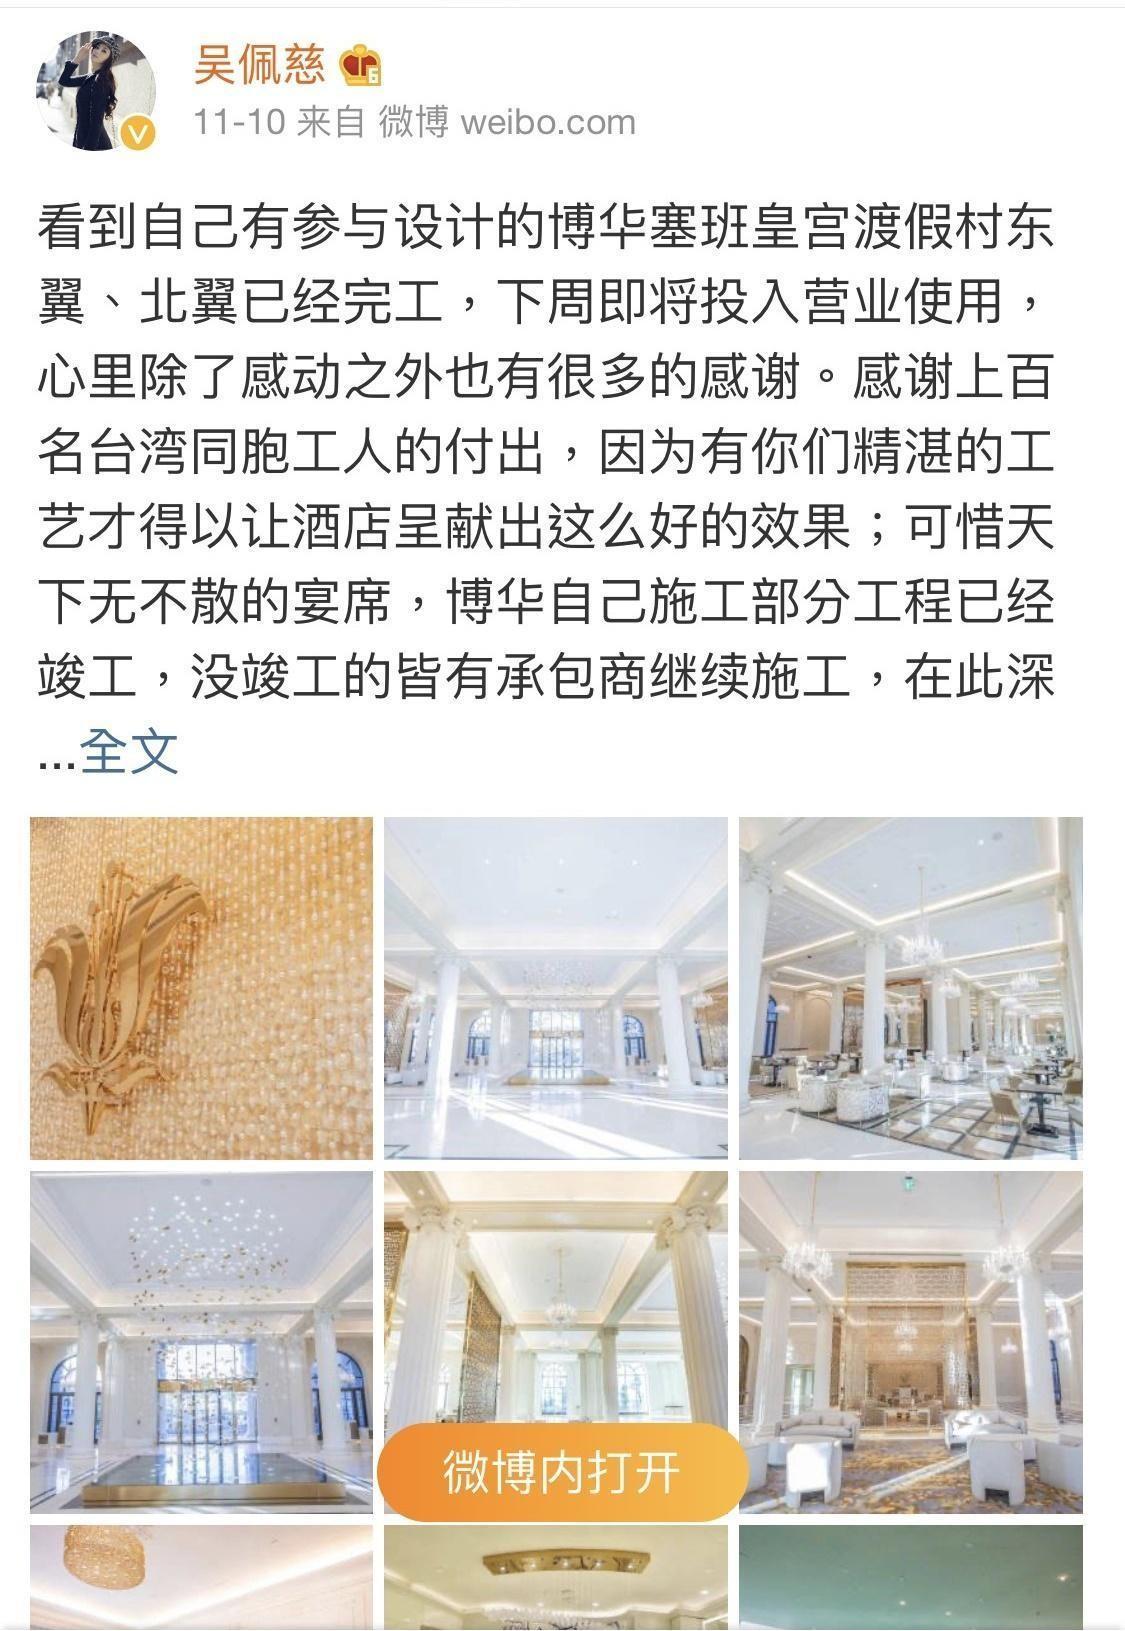 吳佩慈不甩未婚夫欠債 發文曬皇宮酒店認了「辭退臺灣技師」